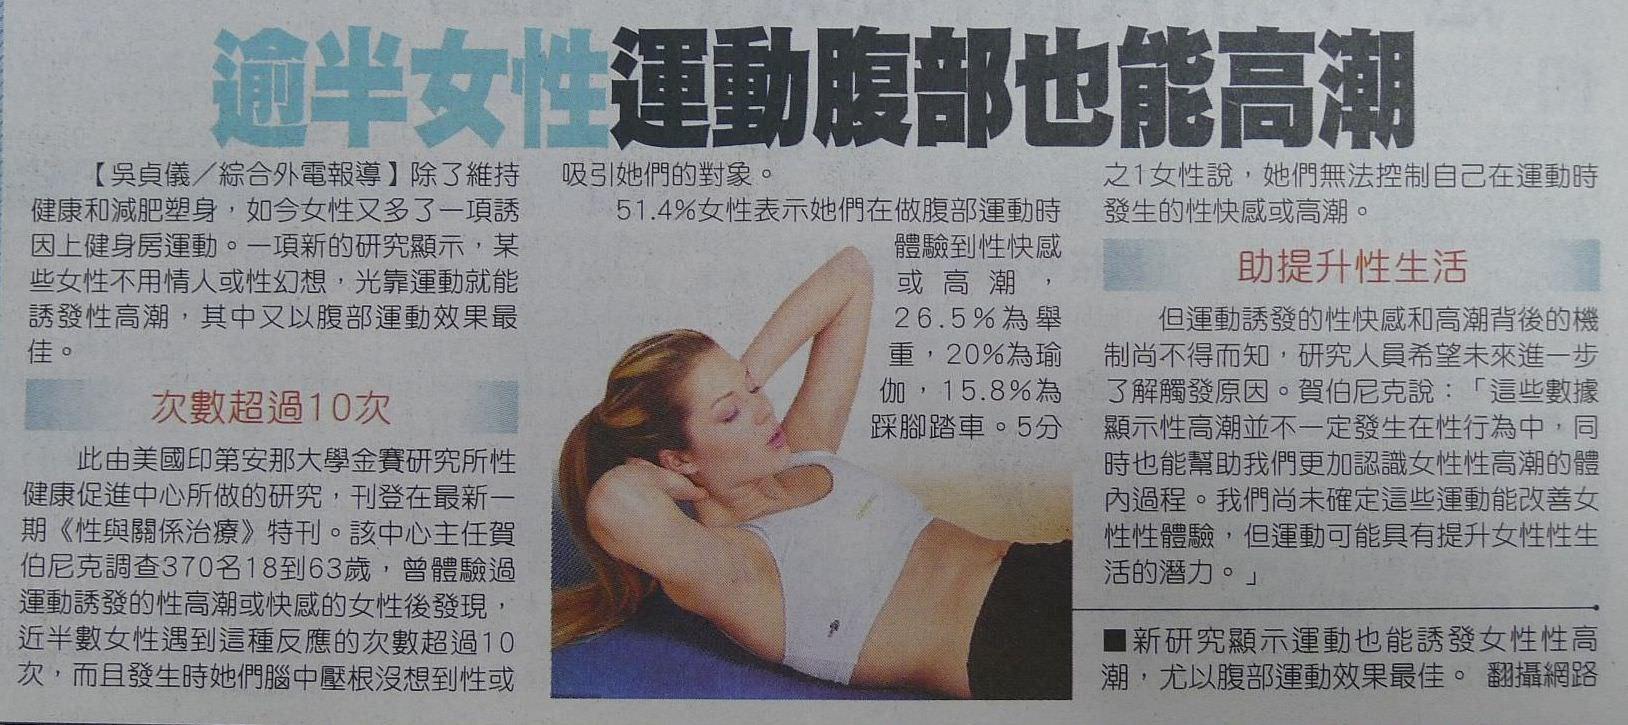 逾半女性運動腹部也能高潮